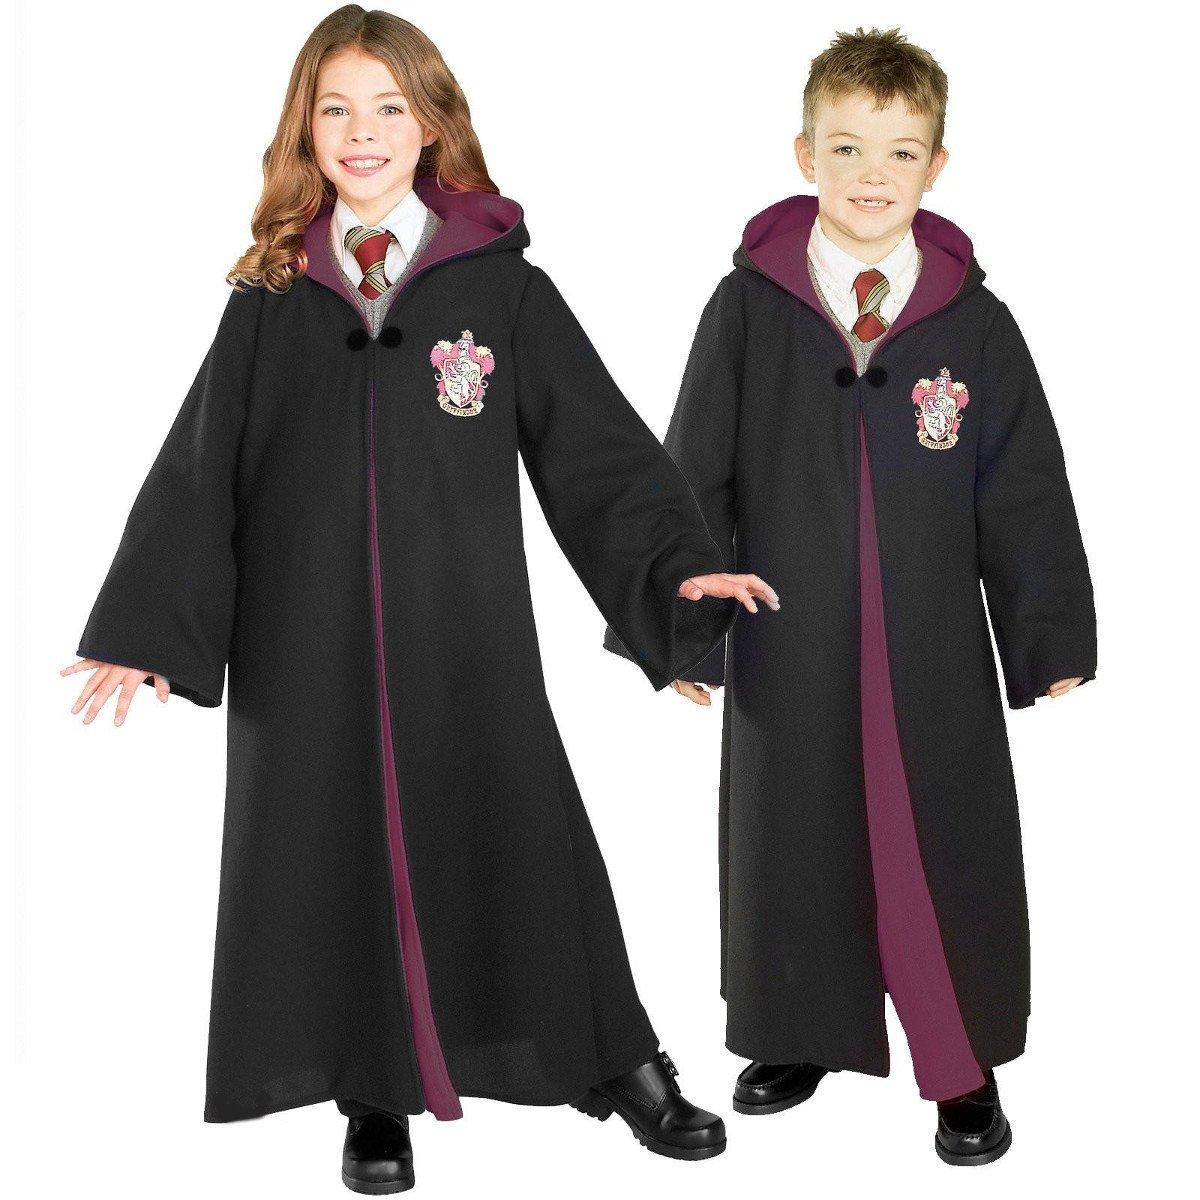 f93afc3f4 Rubies - Disfraz de Harry Potter para niño (5 años) - Disfraceslandia